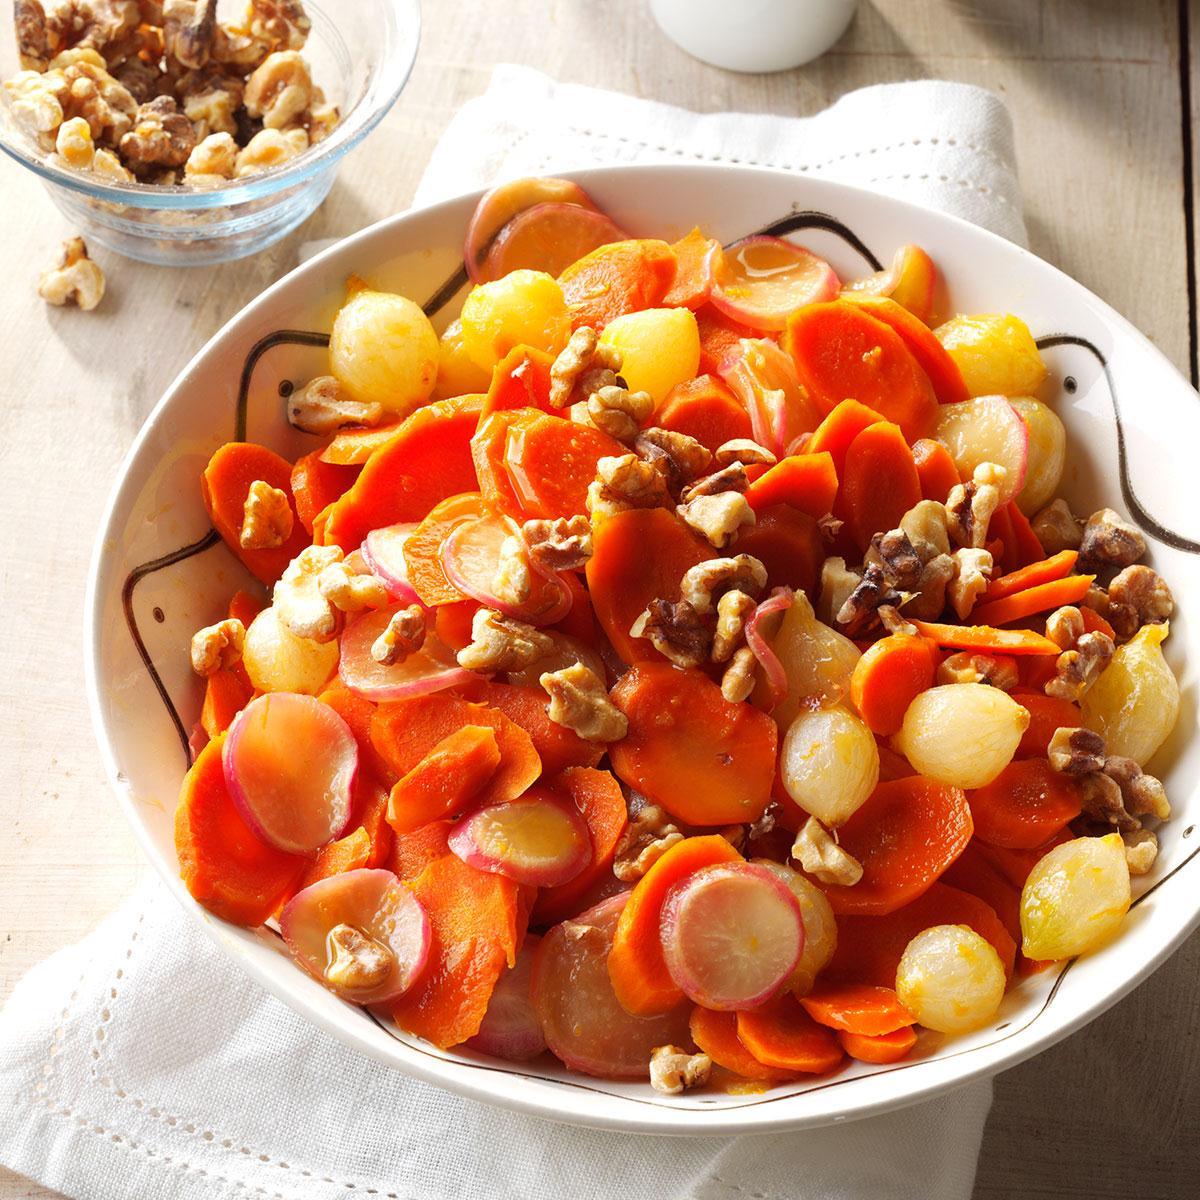 Orange-Glazed Carrots, Onions & Radishes Recipe